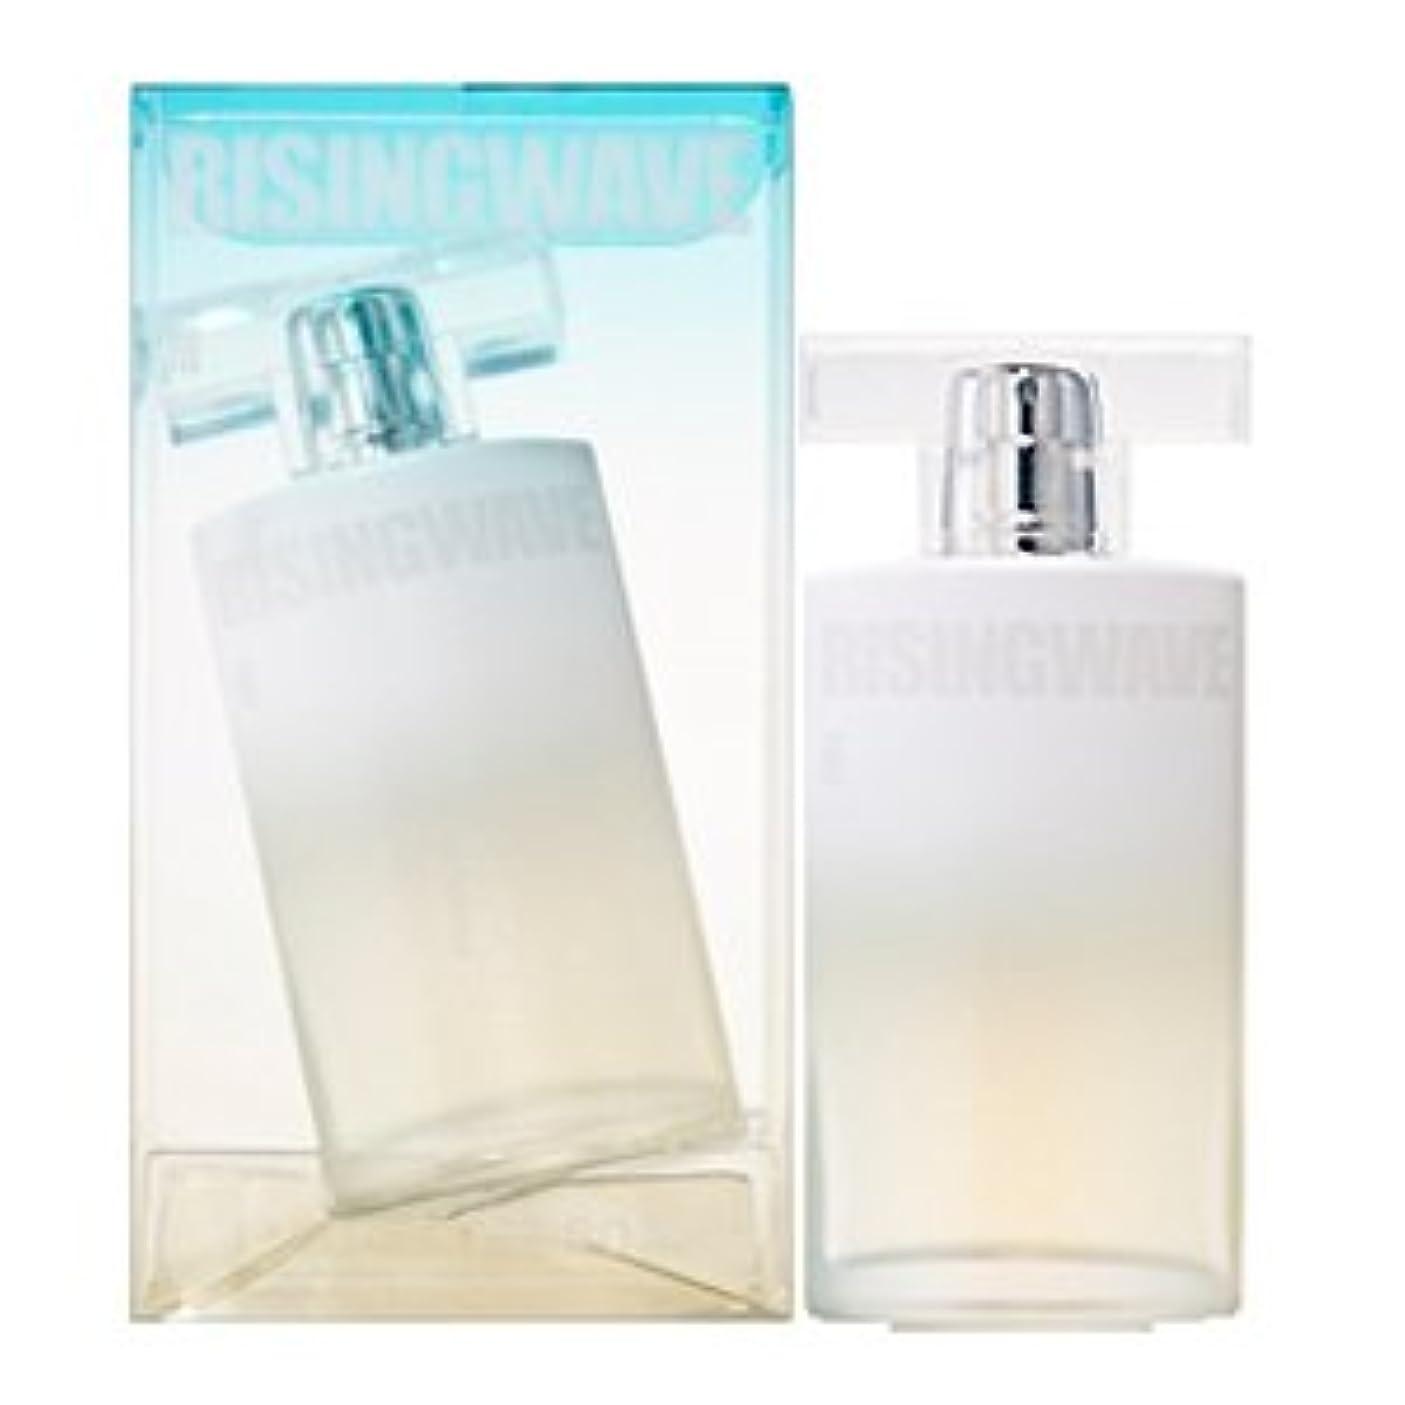 櫛本質的にアリーナライジング ウェーブ 香水 フリーコーラルホワイト ET 50ml SP 【並行輸入品】